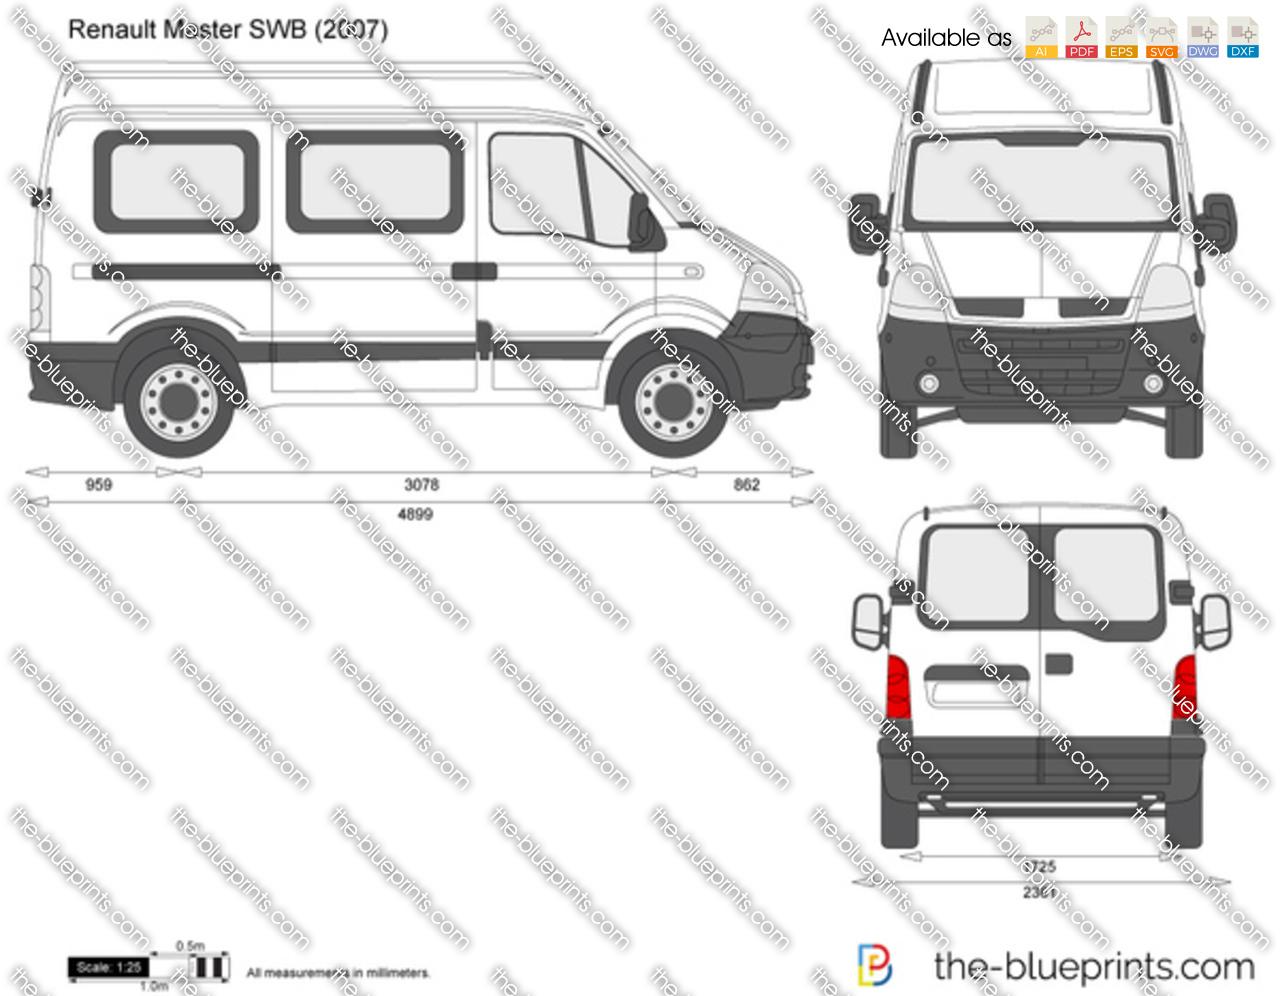 Renault Master SWB 2004